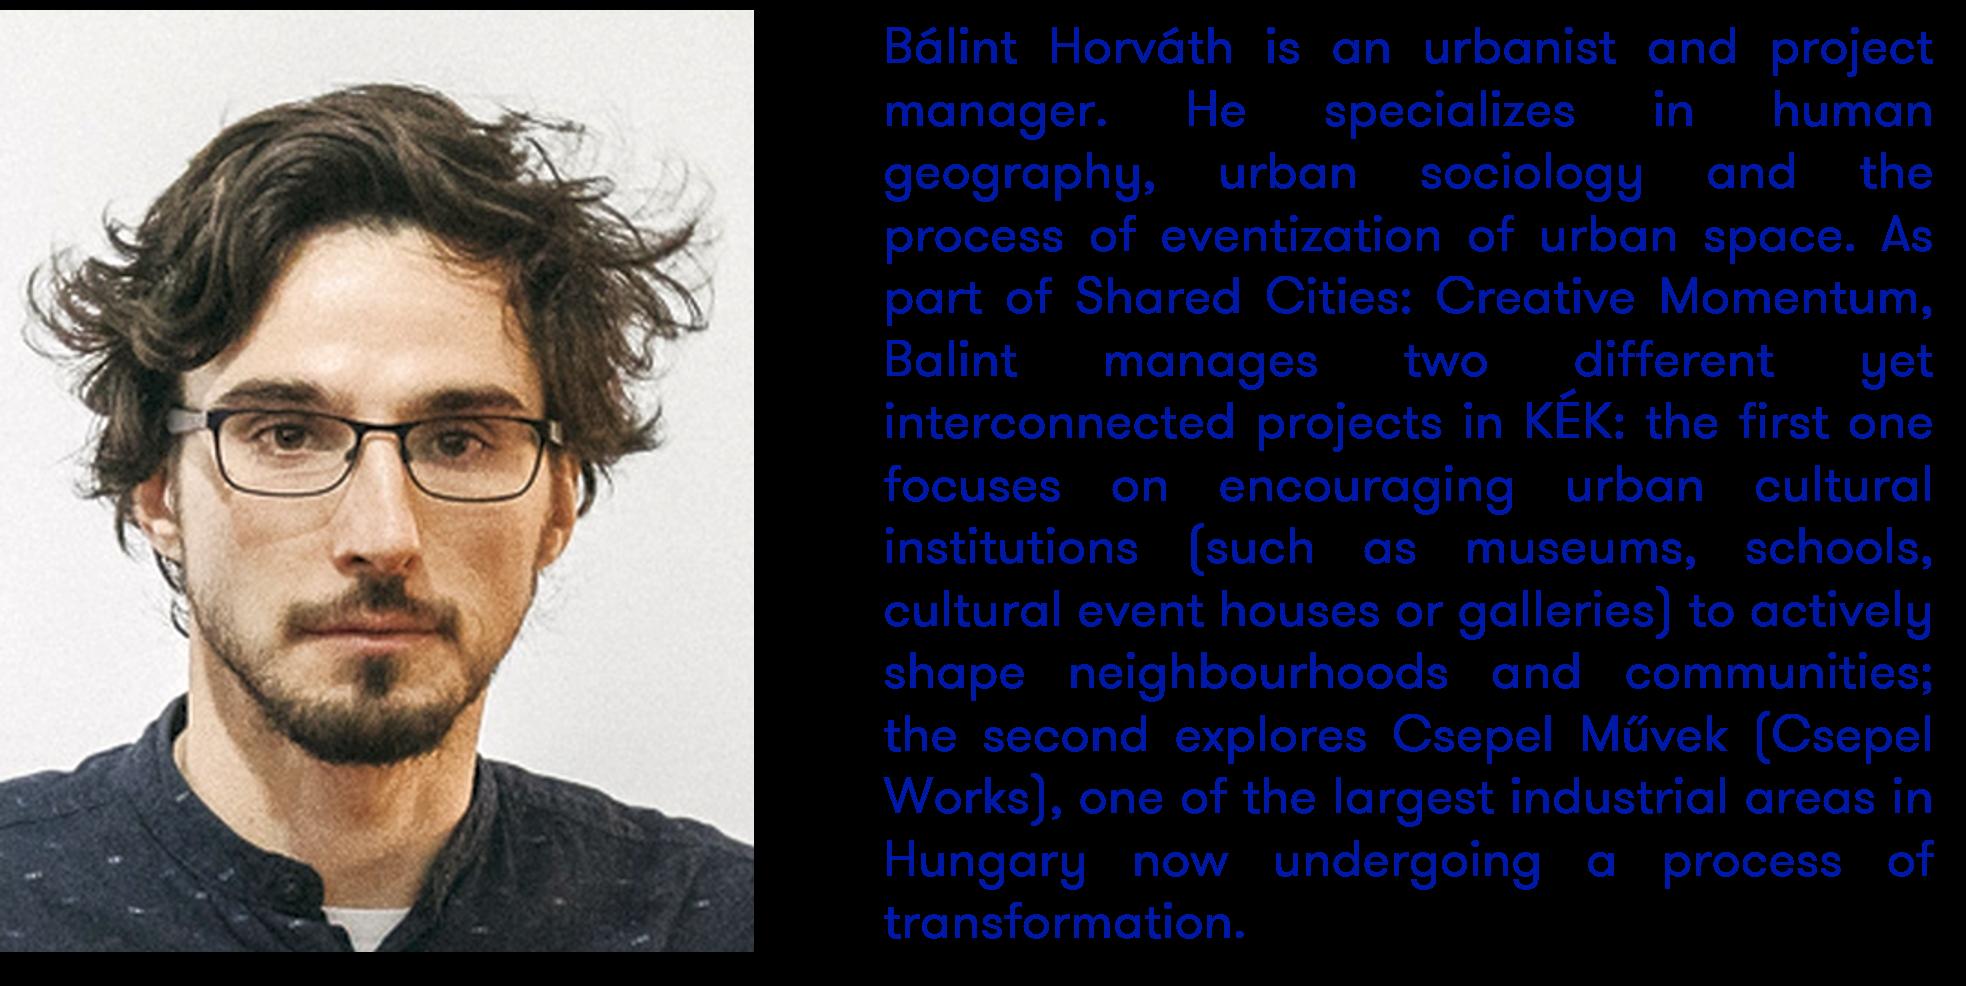 Bálint Horváth Picture + Bio